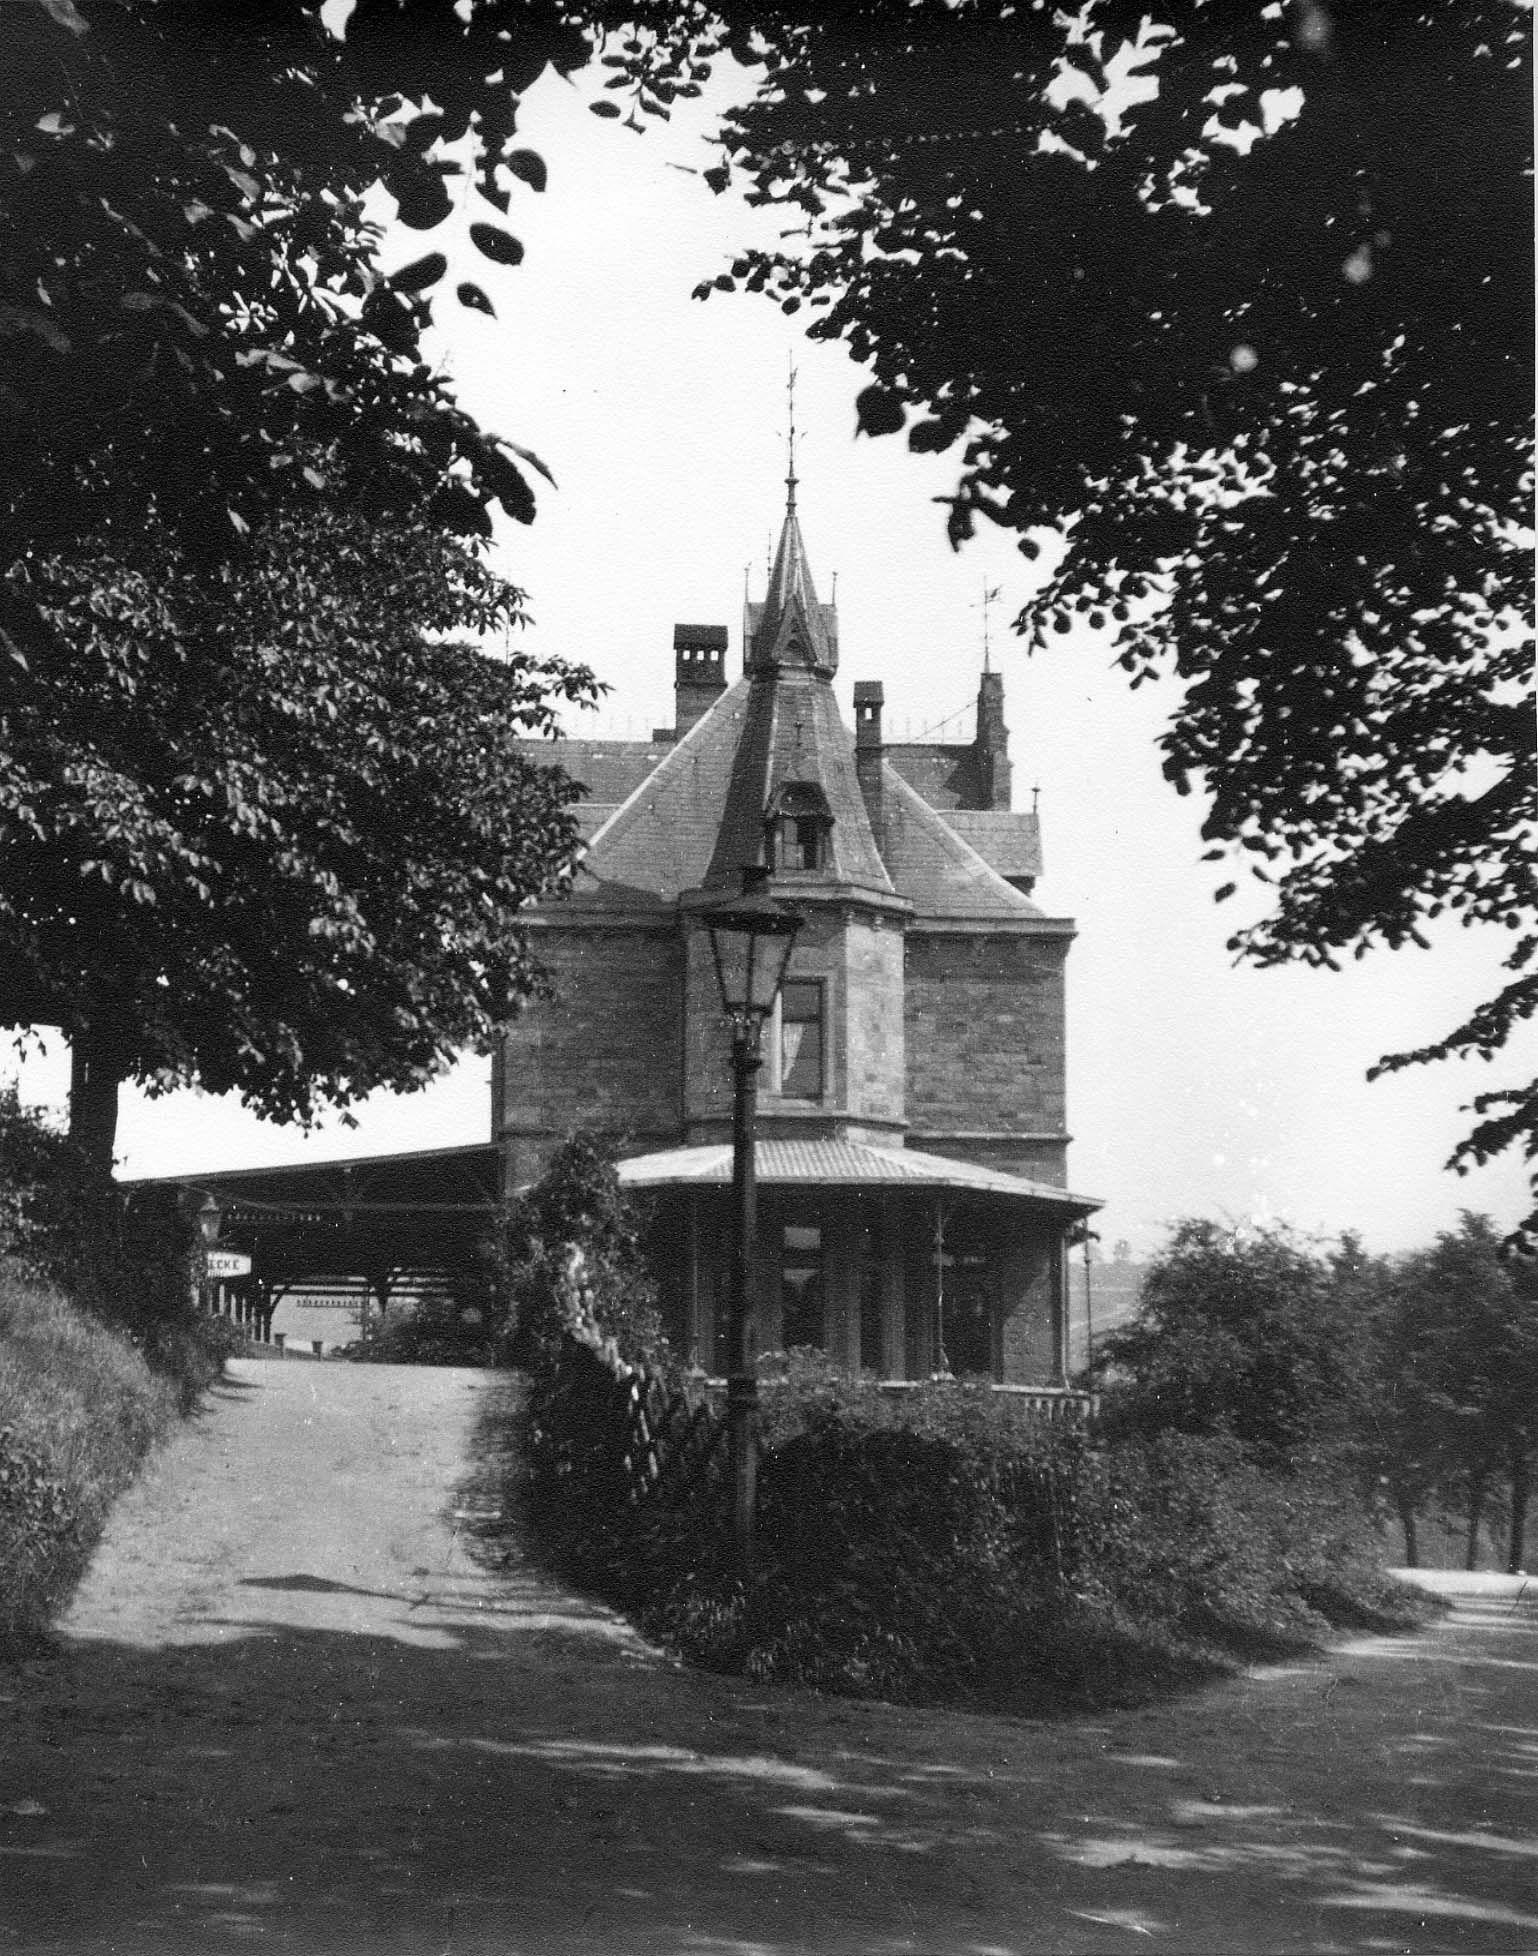 Bahnhof, Herdecke, Westfalen, 30er Jahre Historische